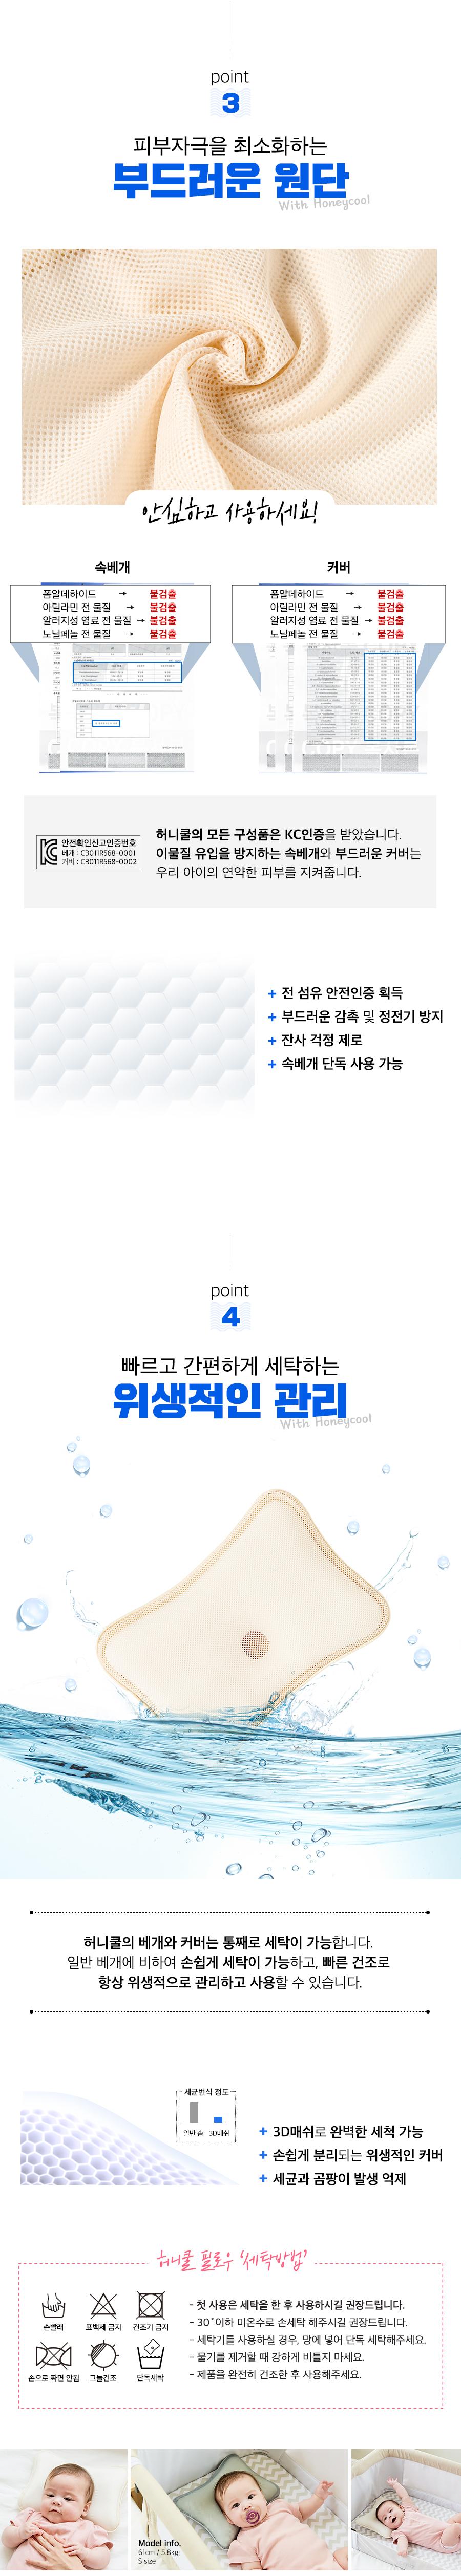 Honeycool_4.jpg